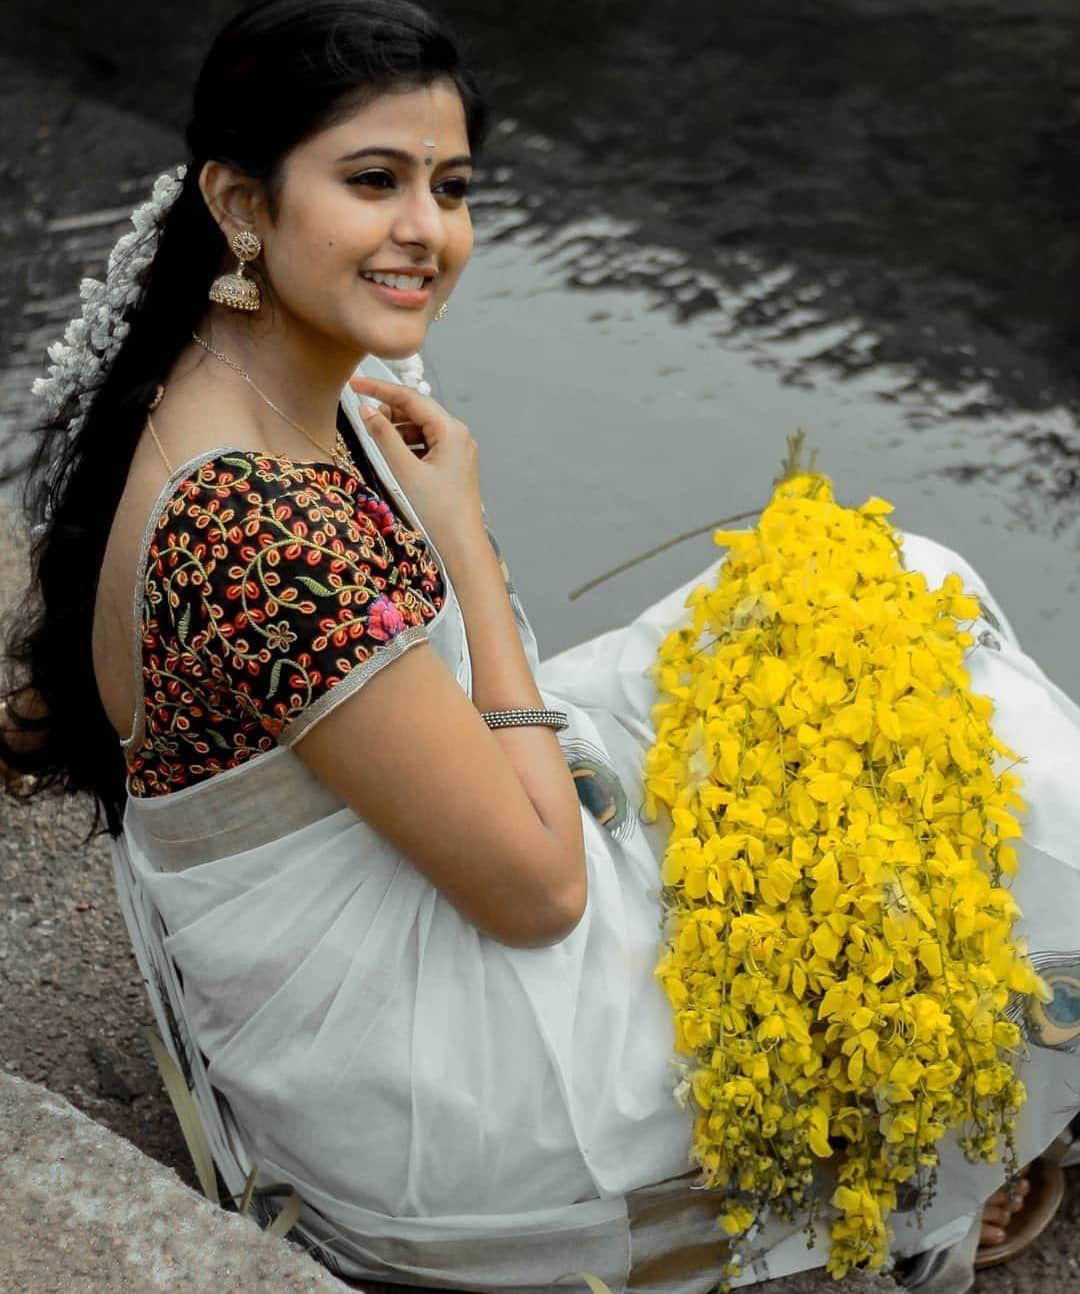 """Photo of Sari Devatama Instagram on Instagram: """"Gorgeous @sravana__tn 💓 #sareefashion #saree #sareelove #show #sareeseduction #style #sareeswag #sareeblousedesigns #smile # backlessblouse…"""""""